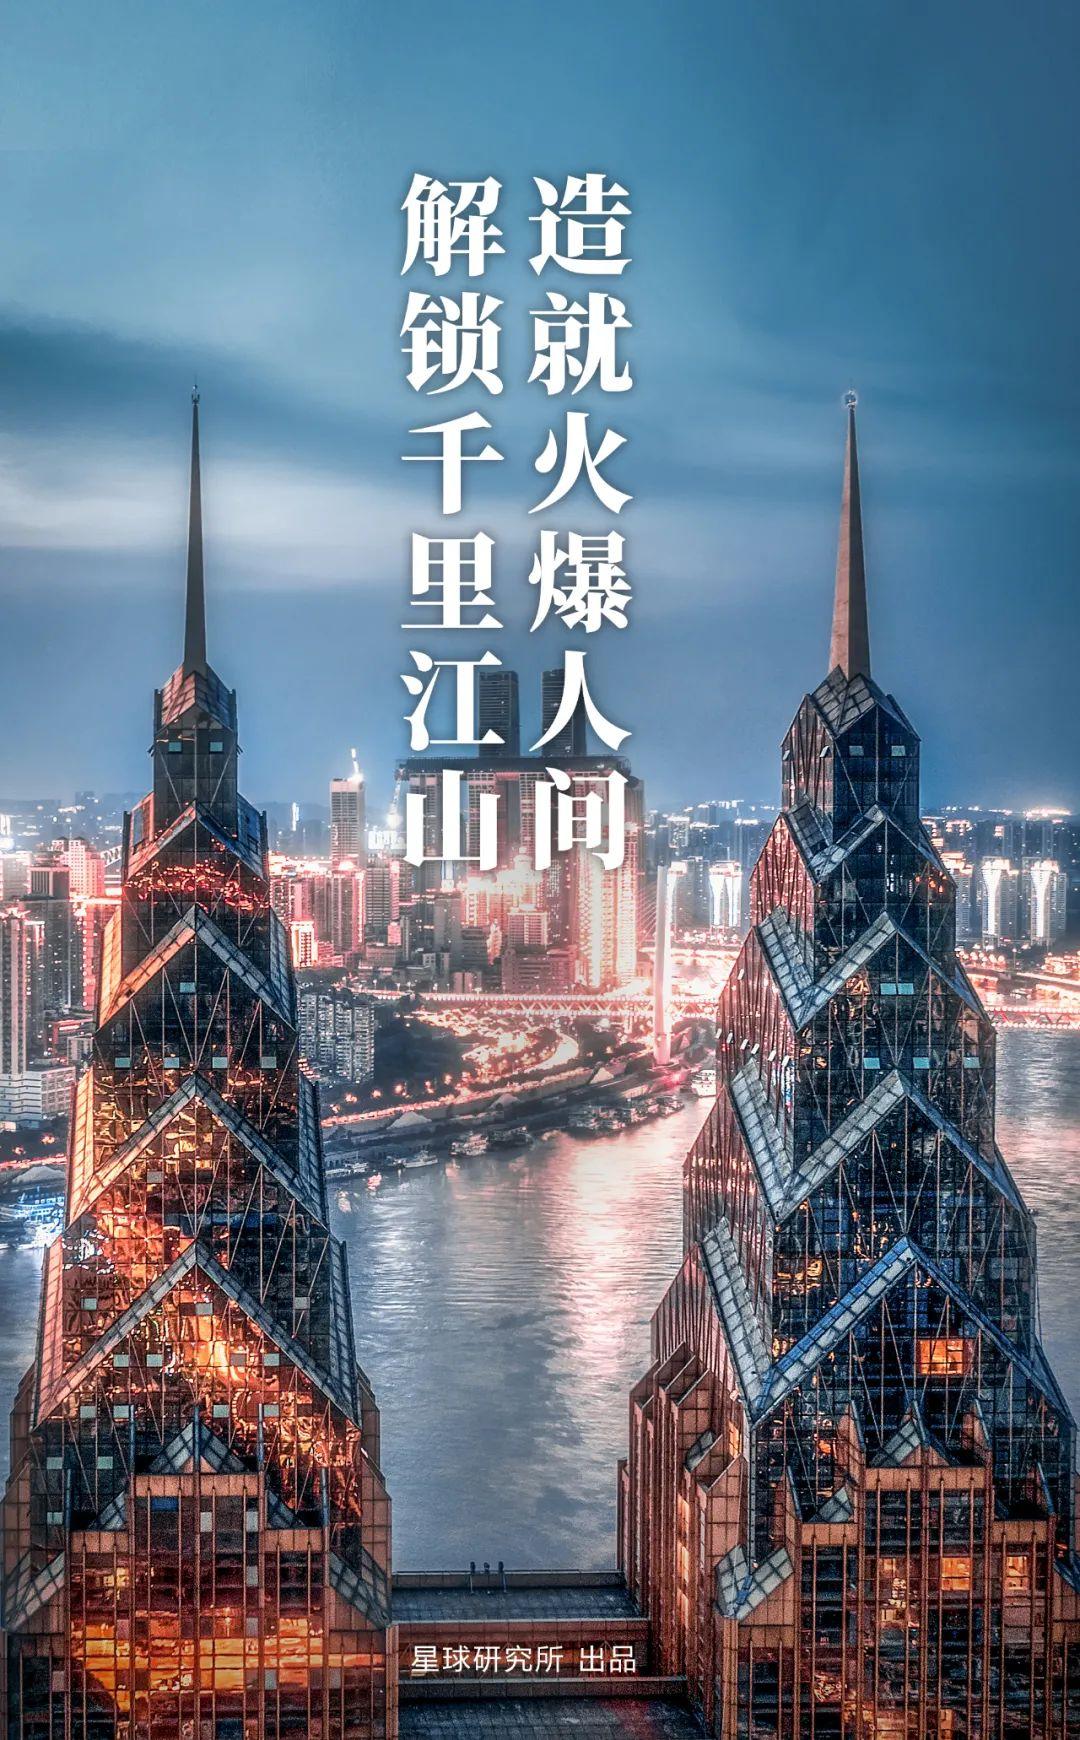 什么是重庆?